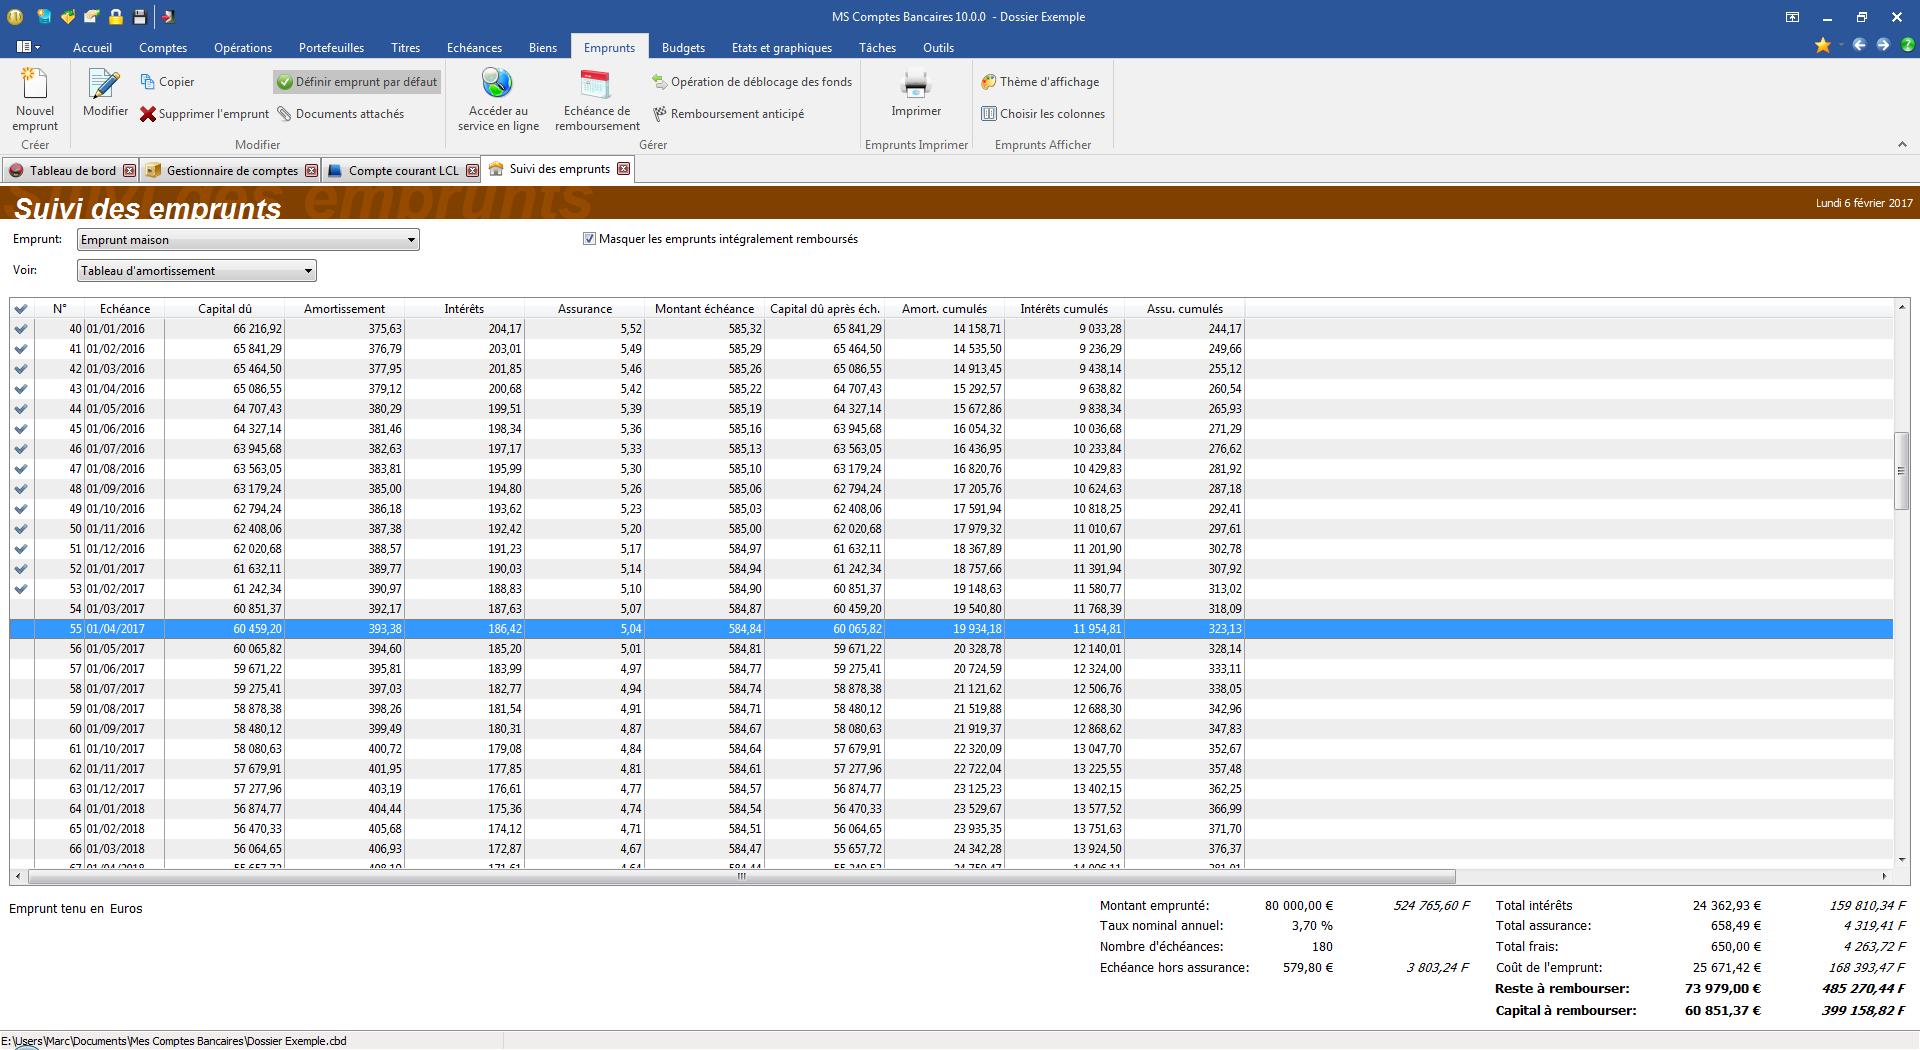 ms comptes bancaires 9.4